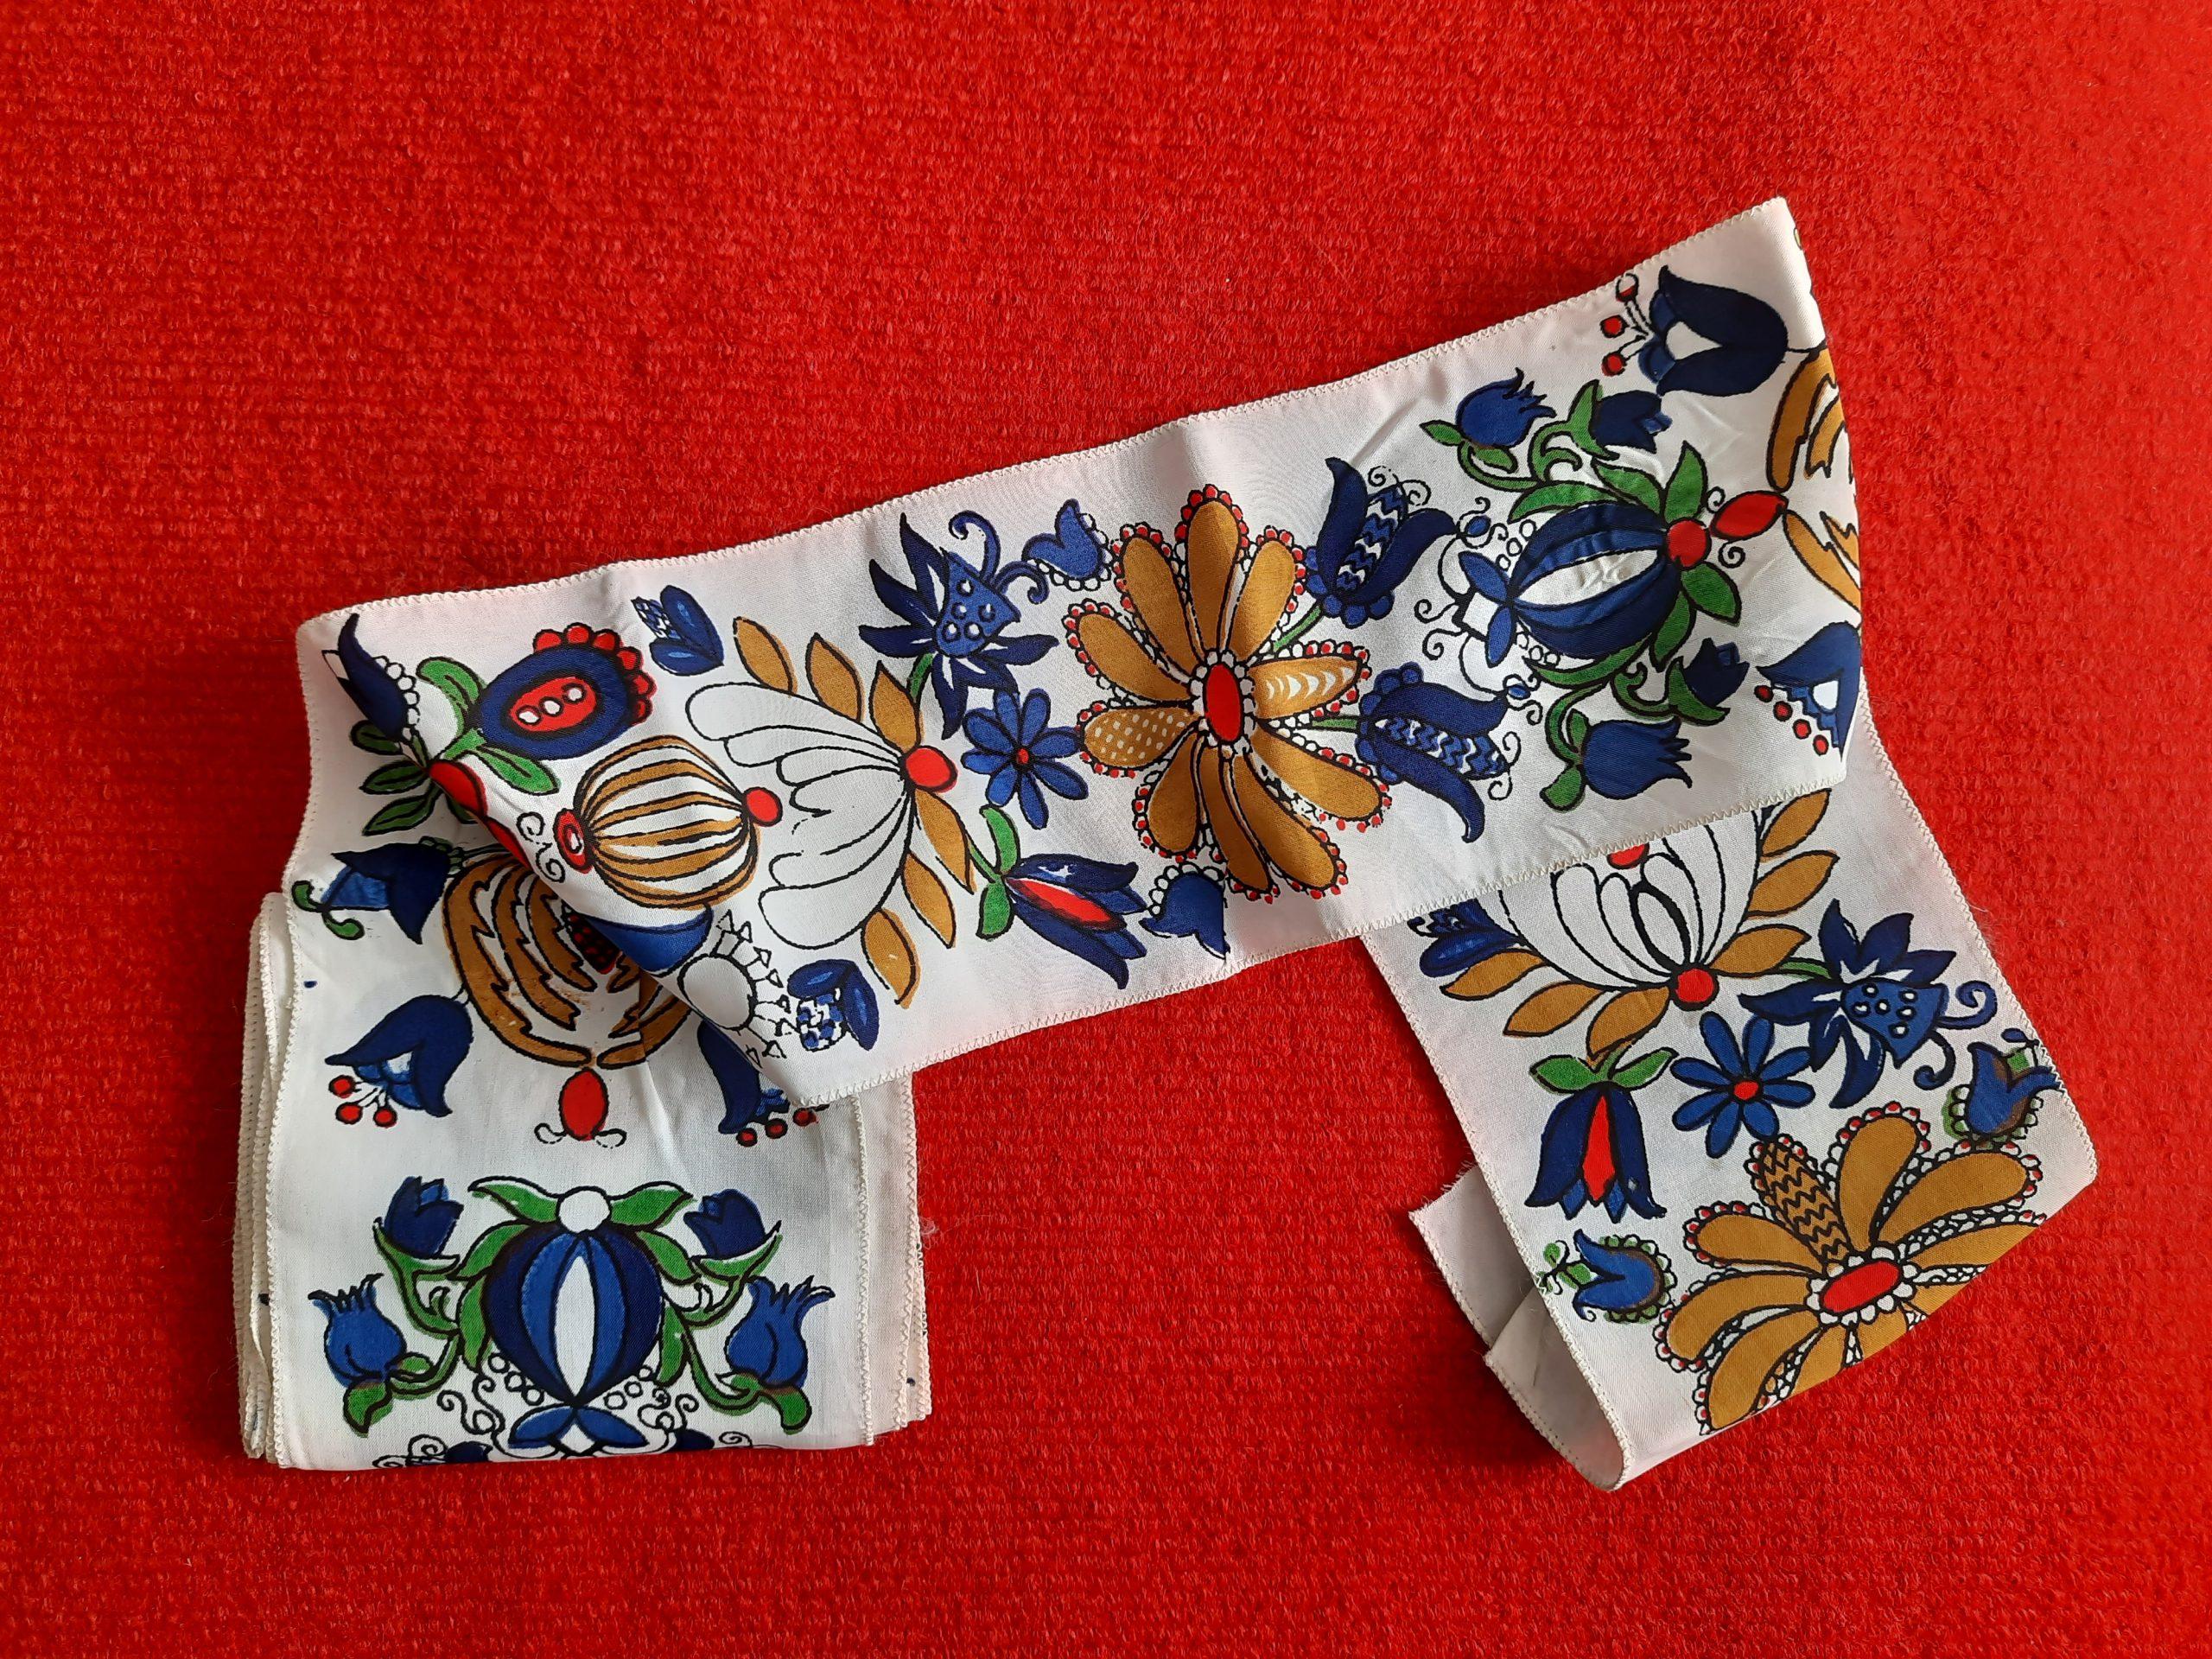 Biała szarfa z motywem haftu kaszubskiego na czerwonym tle.